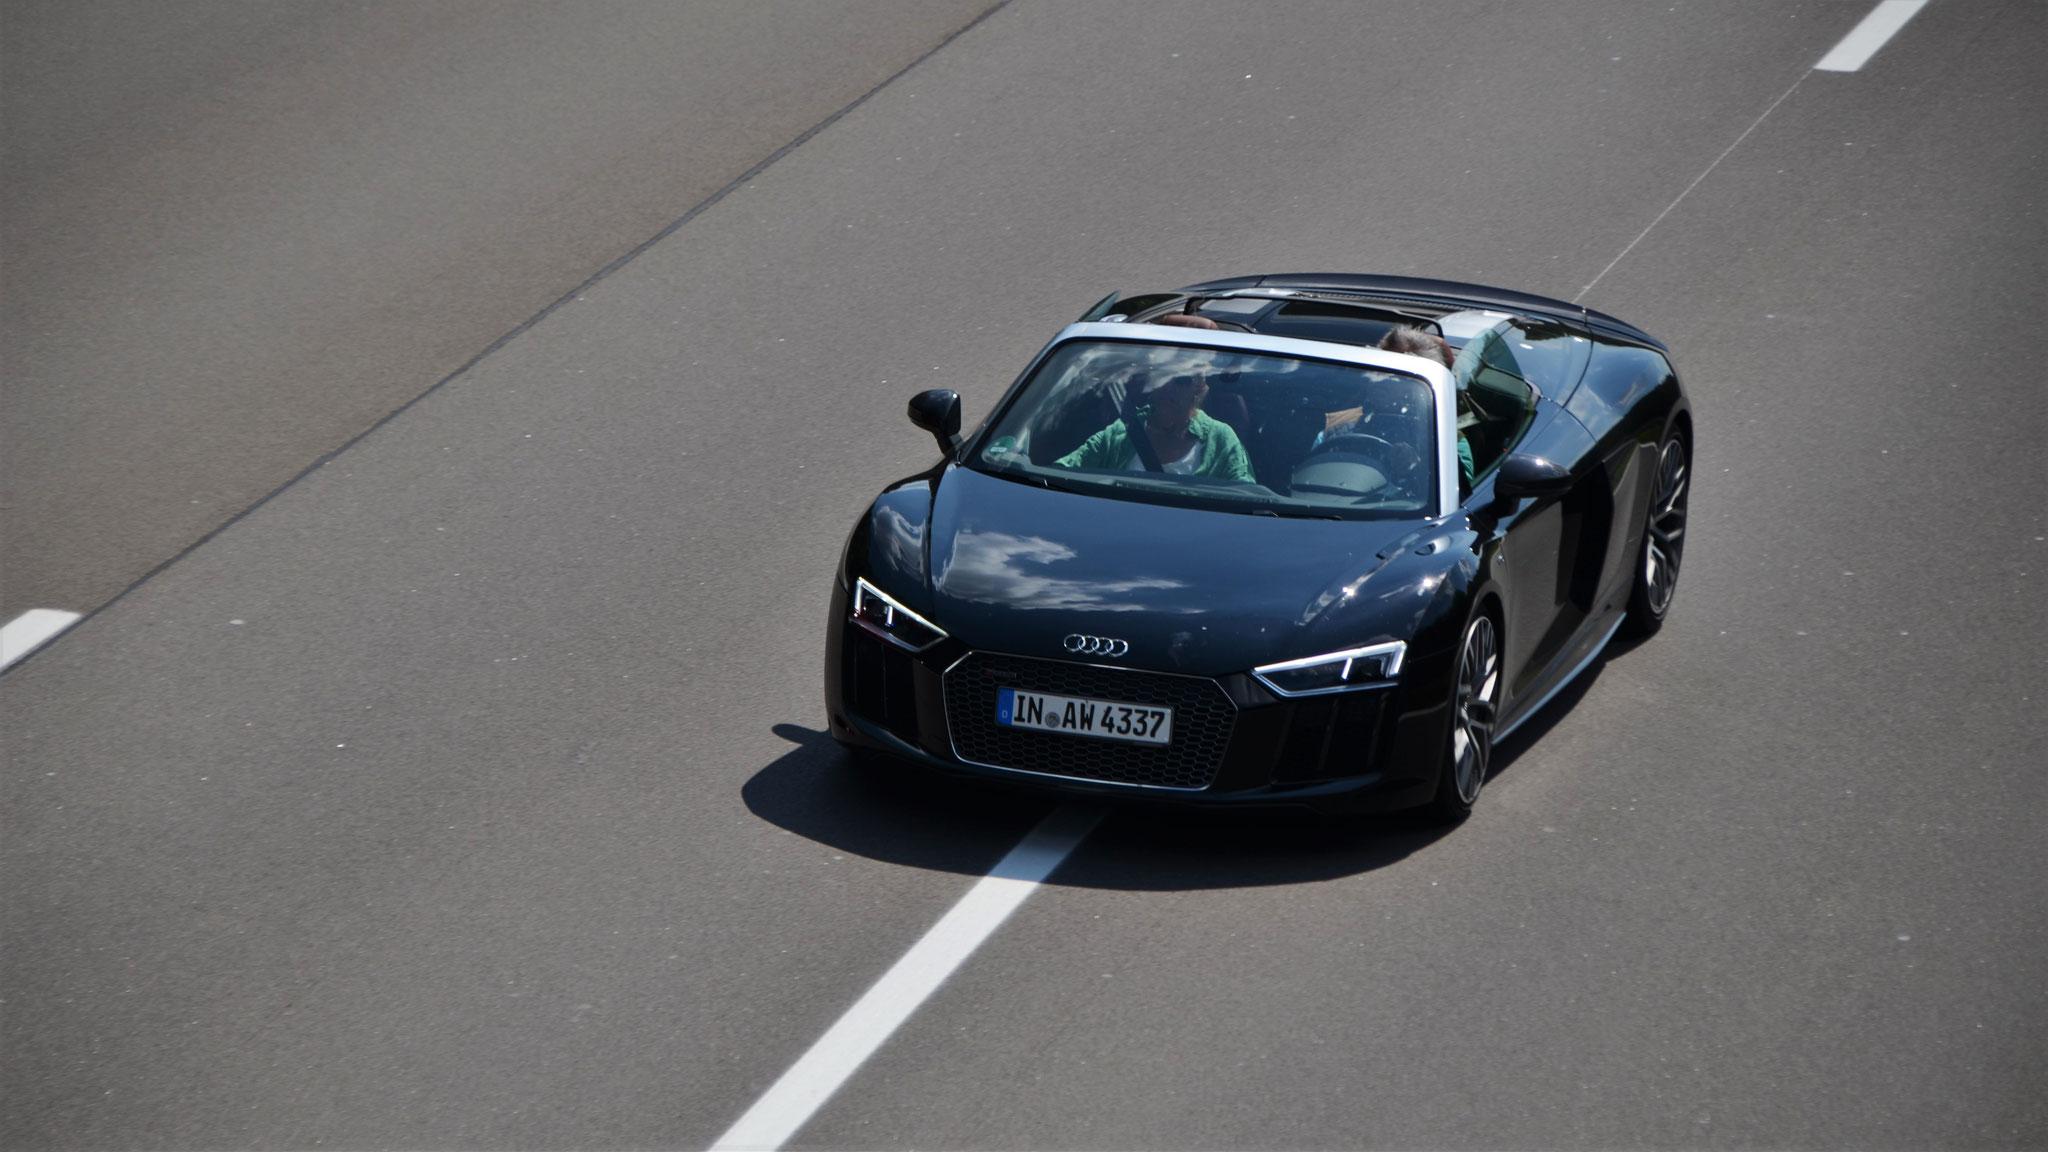 Audi R8 V10 Spyder - IN-AW-4337